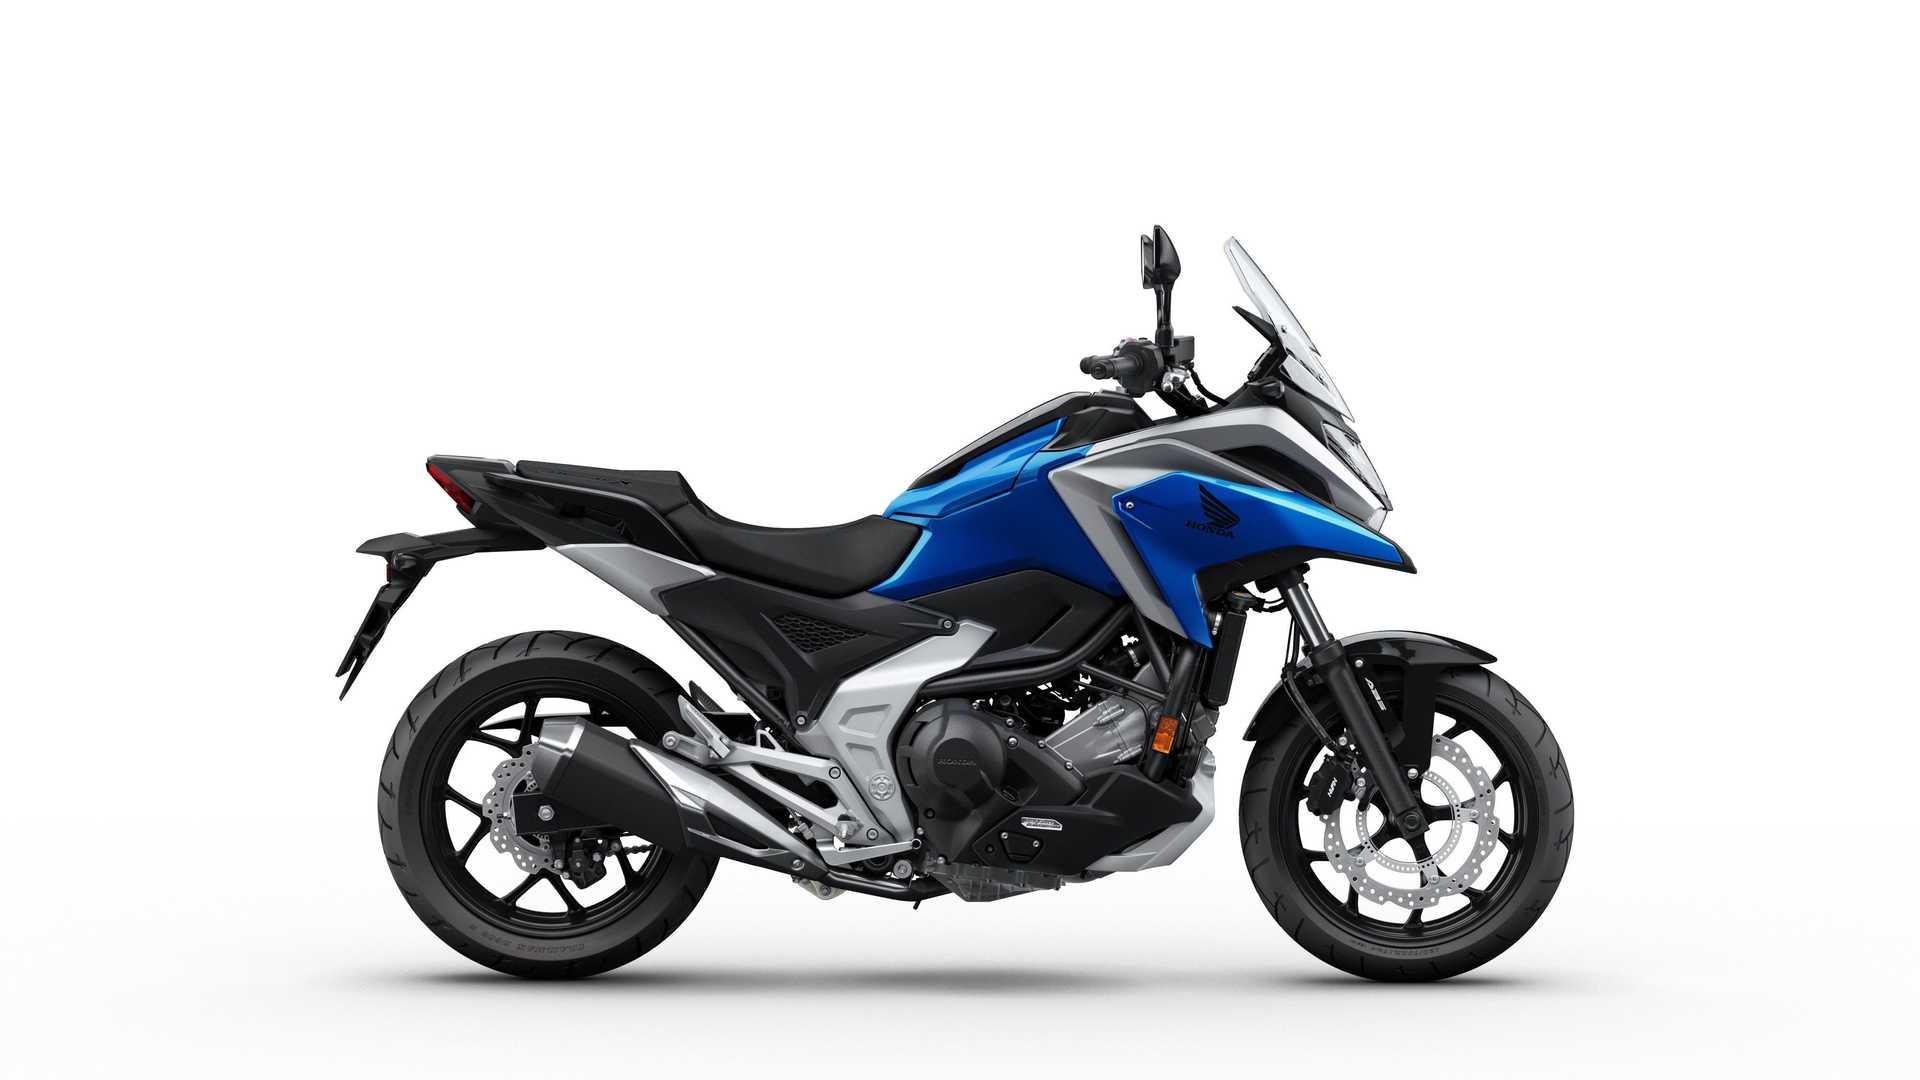 Thông tin về NC750X phiên bản 2021 - Mẫu adventure mid-size mới đến từ Honda